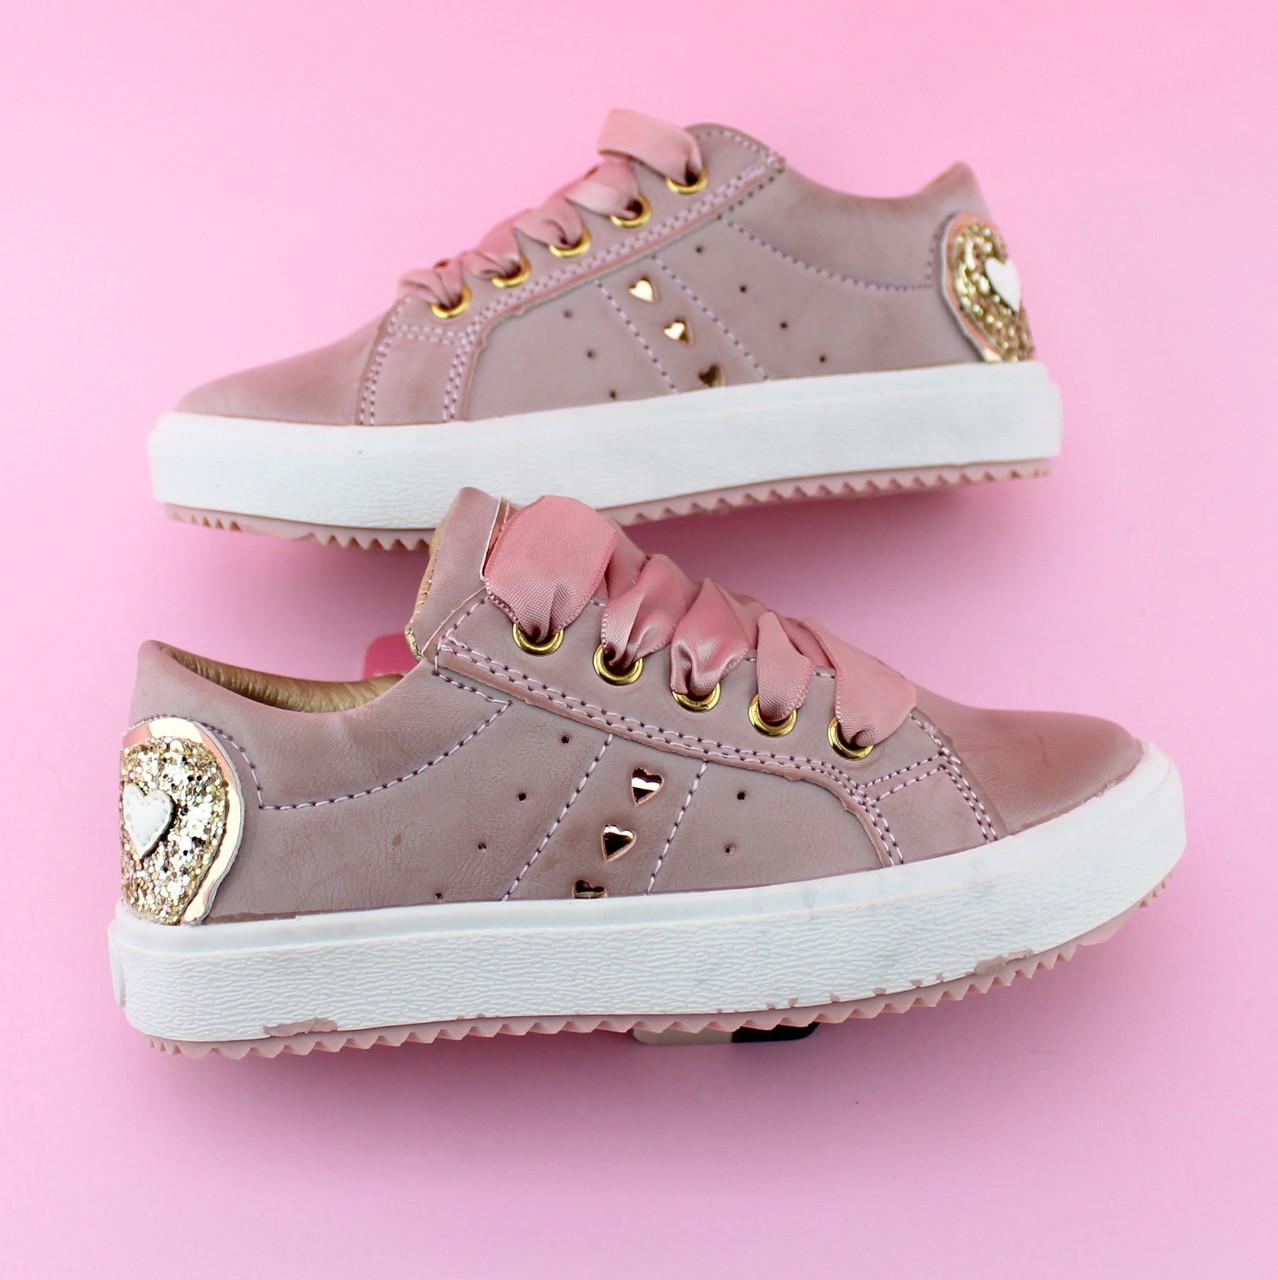 a9577f0e5 Детские слипоны детские кеды девочке розовая пудра бренд обуви Том.м размер  25,27